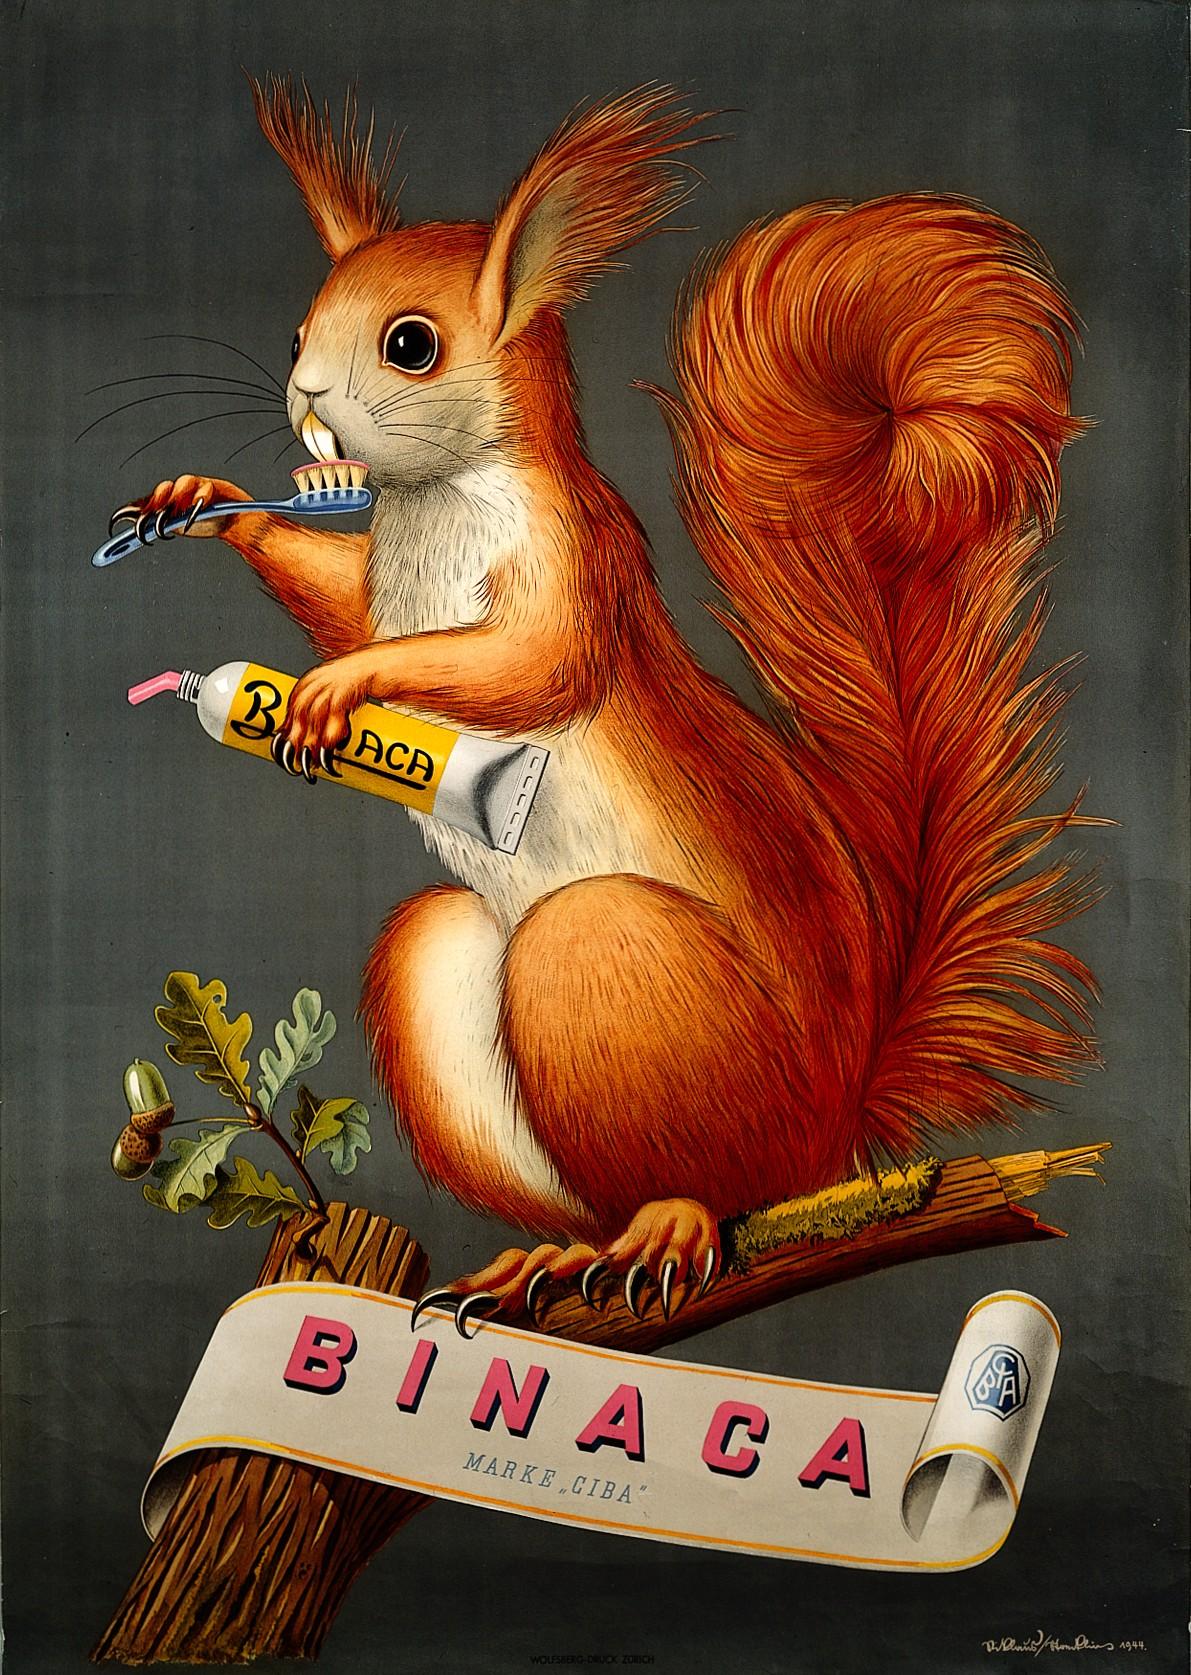 Η εταιρεία Binaca επιστρατεύει το 1944 ένα χαριτωμένο σκιουράκι για να διαφημίσει την οδοντόκρεμά της